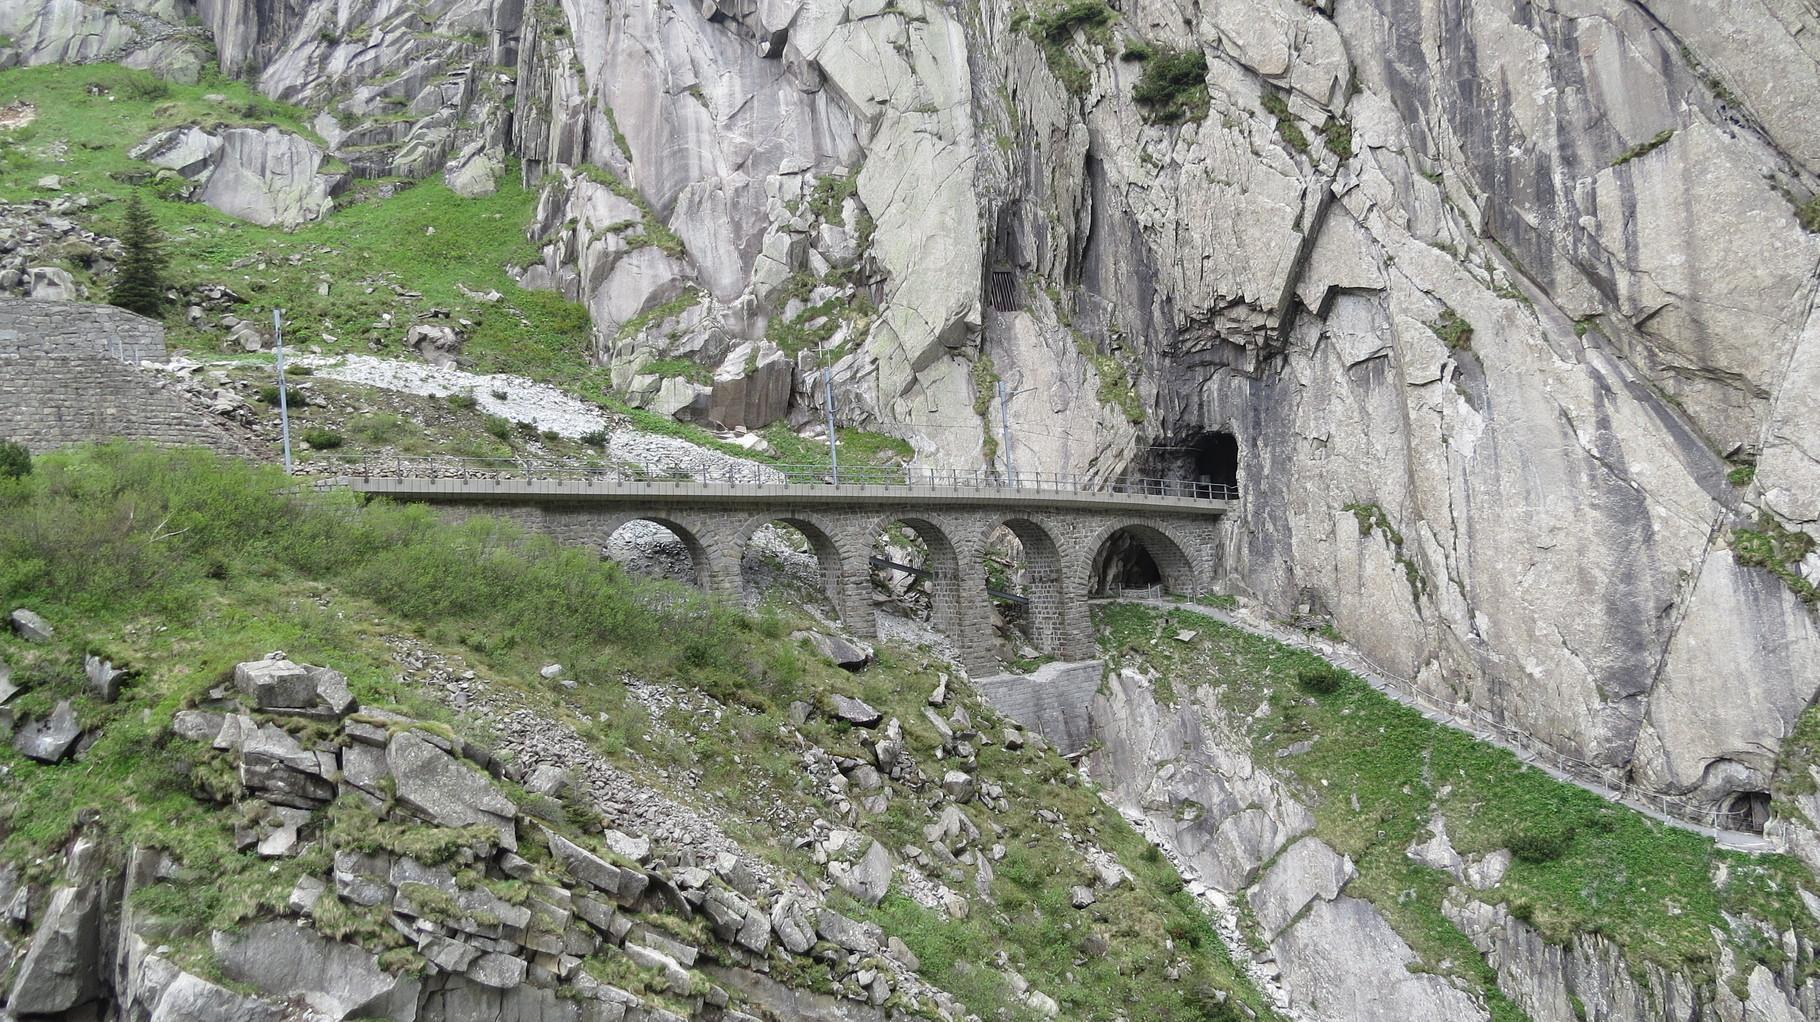 фотографии чертова моста в альпах зимой лишь